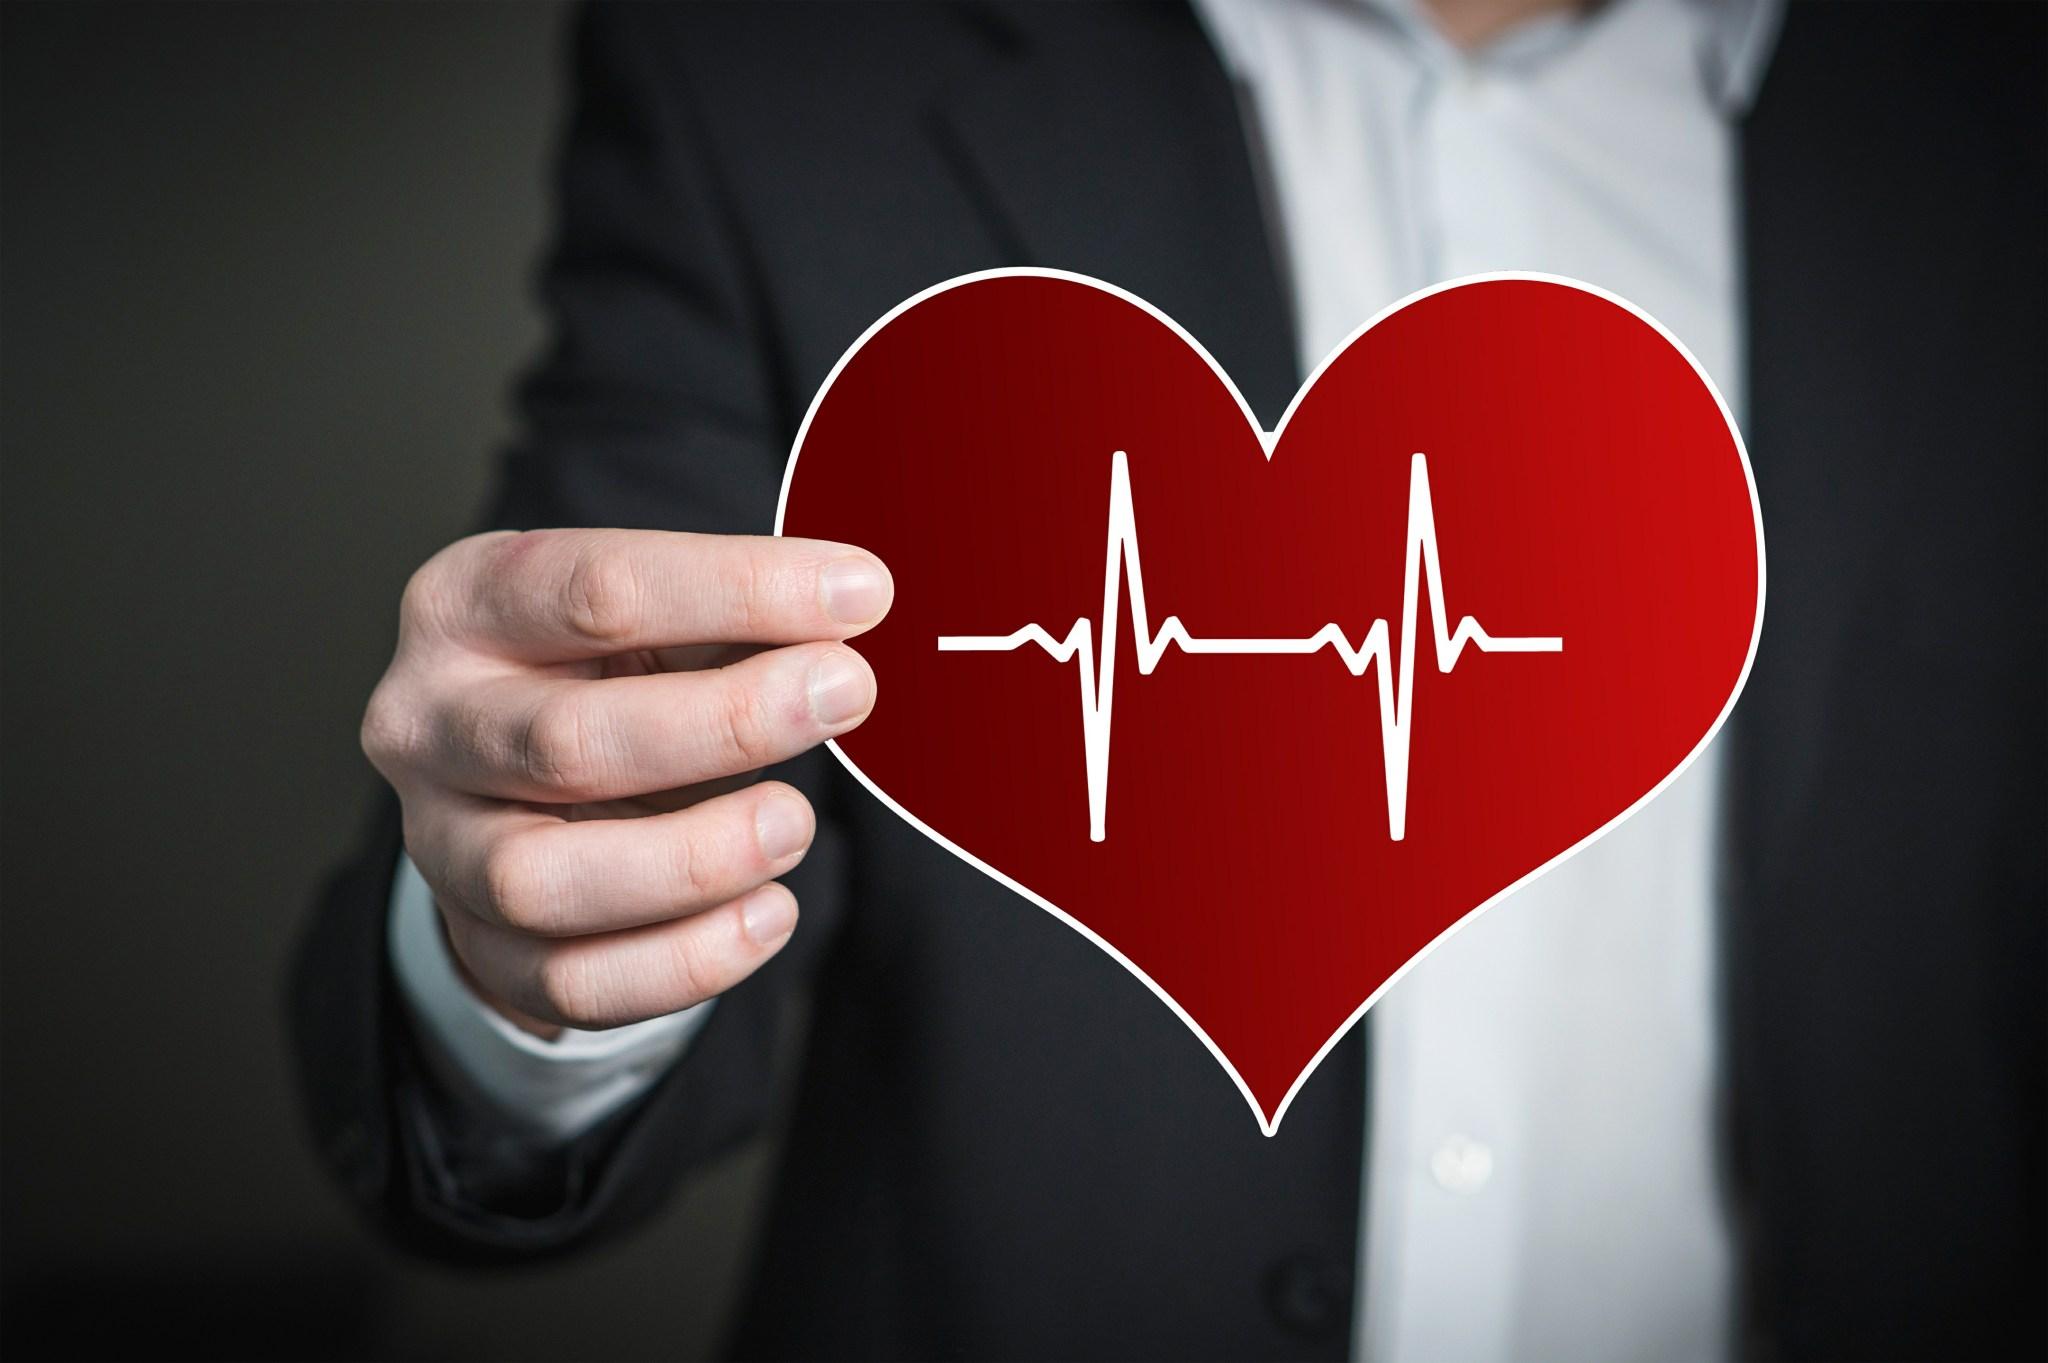 Širdies ir kraujagyslių sistemos ligų rizikos veiksniai